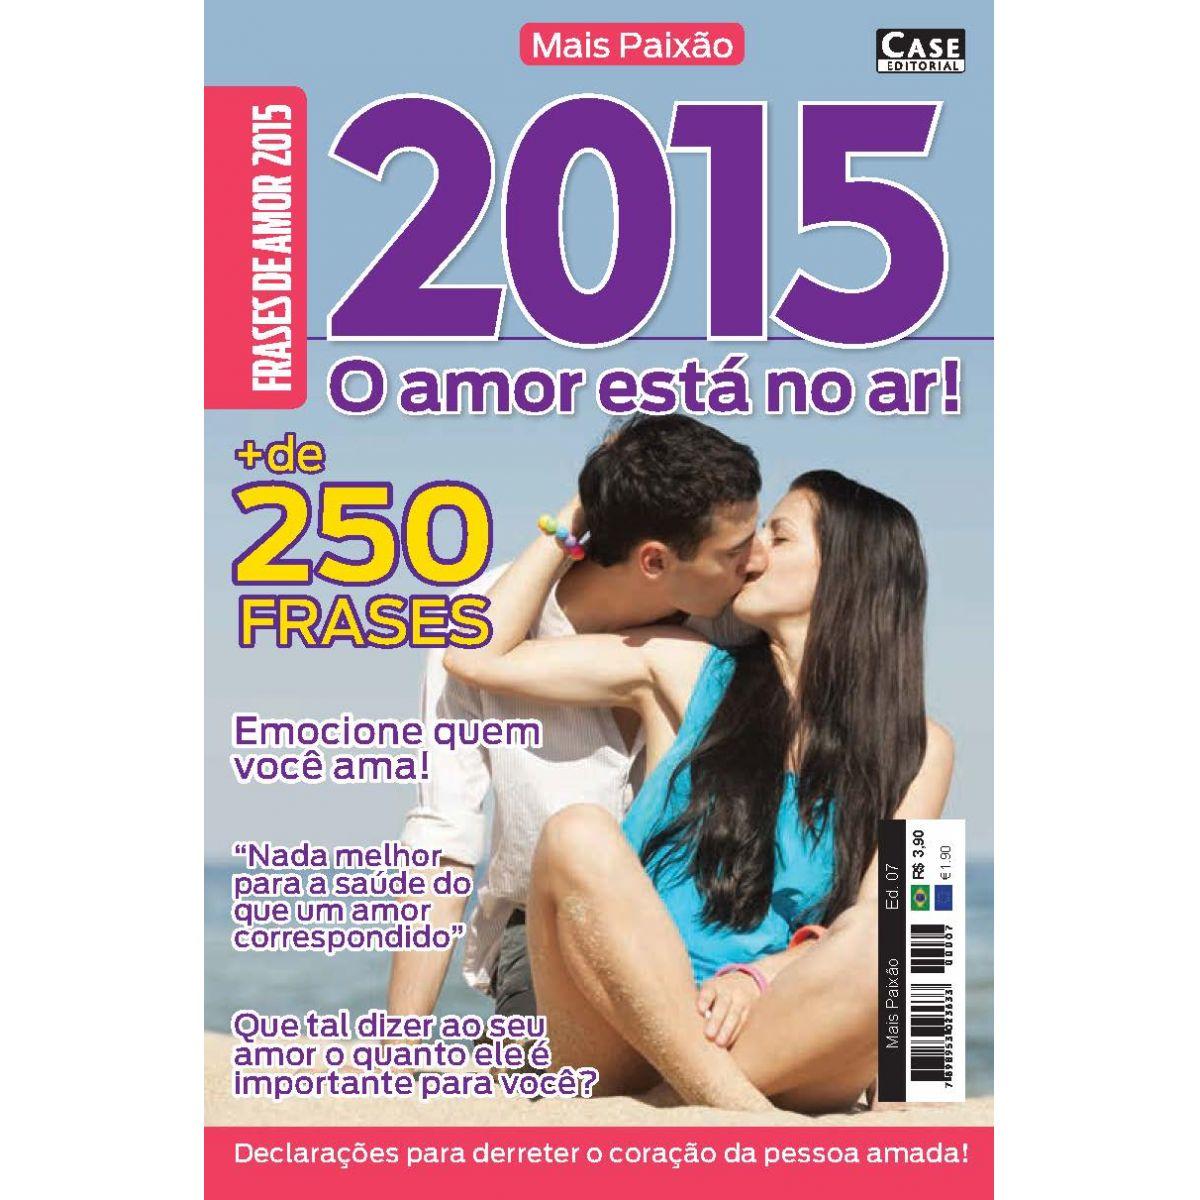 Mais Paixão - Edição 07  - Case Editorial